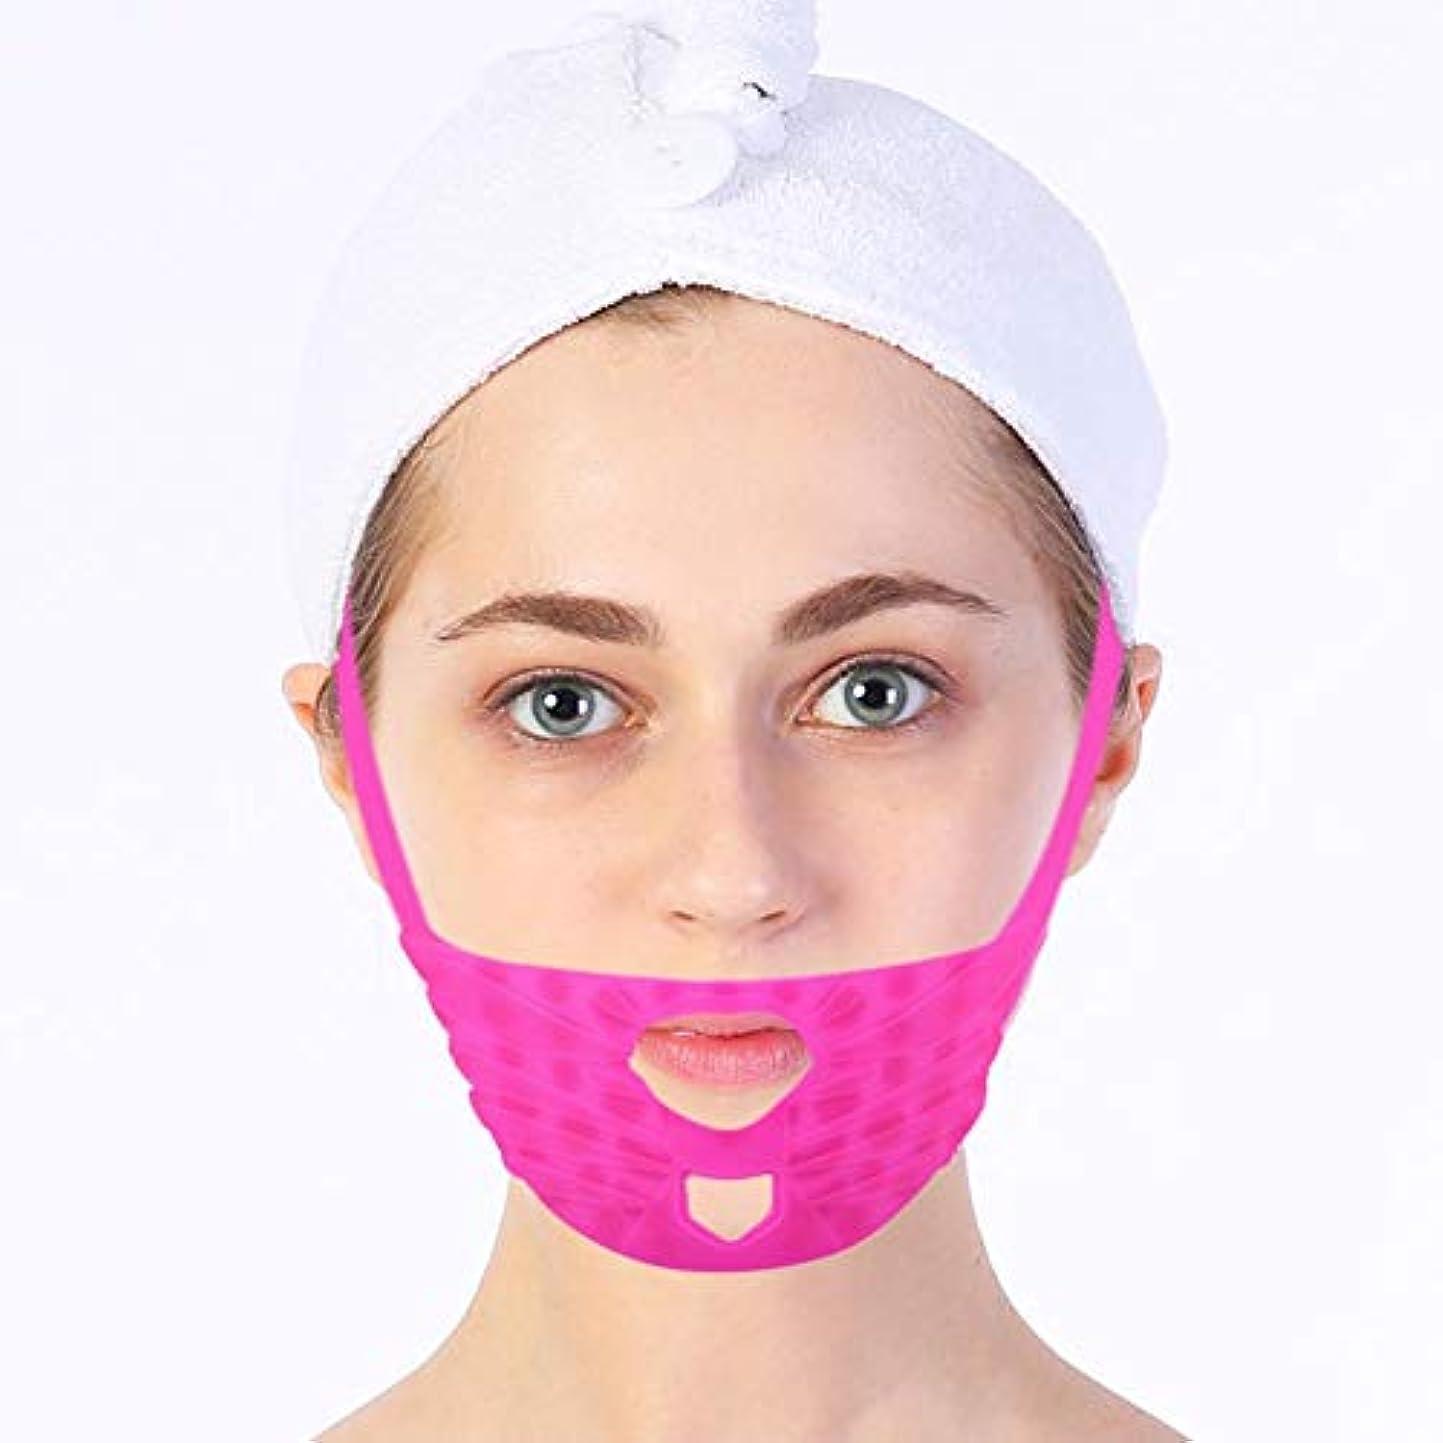 心配する騒乱有名なSemmeフェイシャルリフティング引き締め痩身マスク、マッサージフェイスシリコン包帯Vラインマスク首の圧縮二重あご、変更ダブルチェーンマスク引き締まった肌を減らす